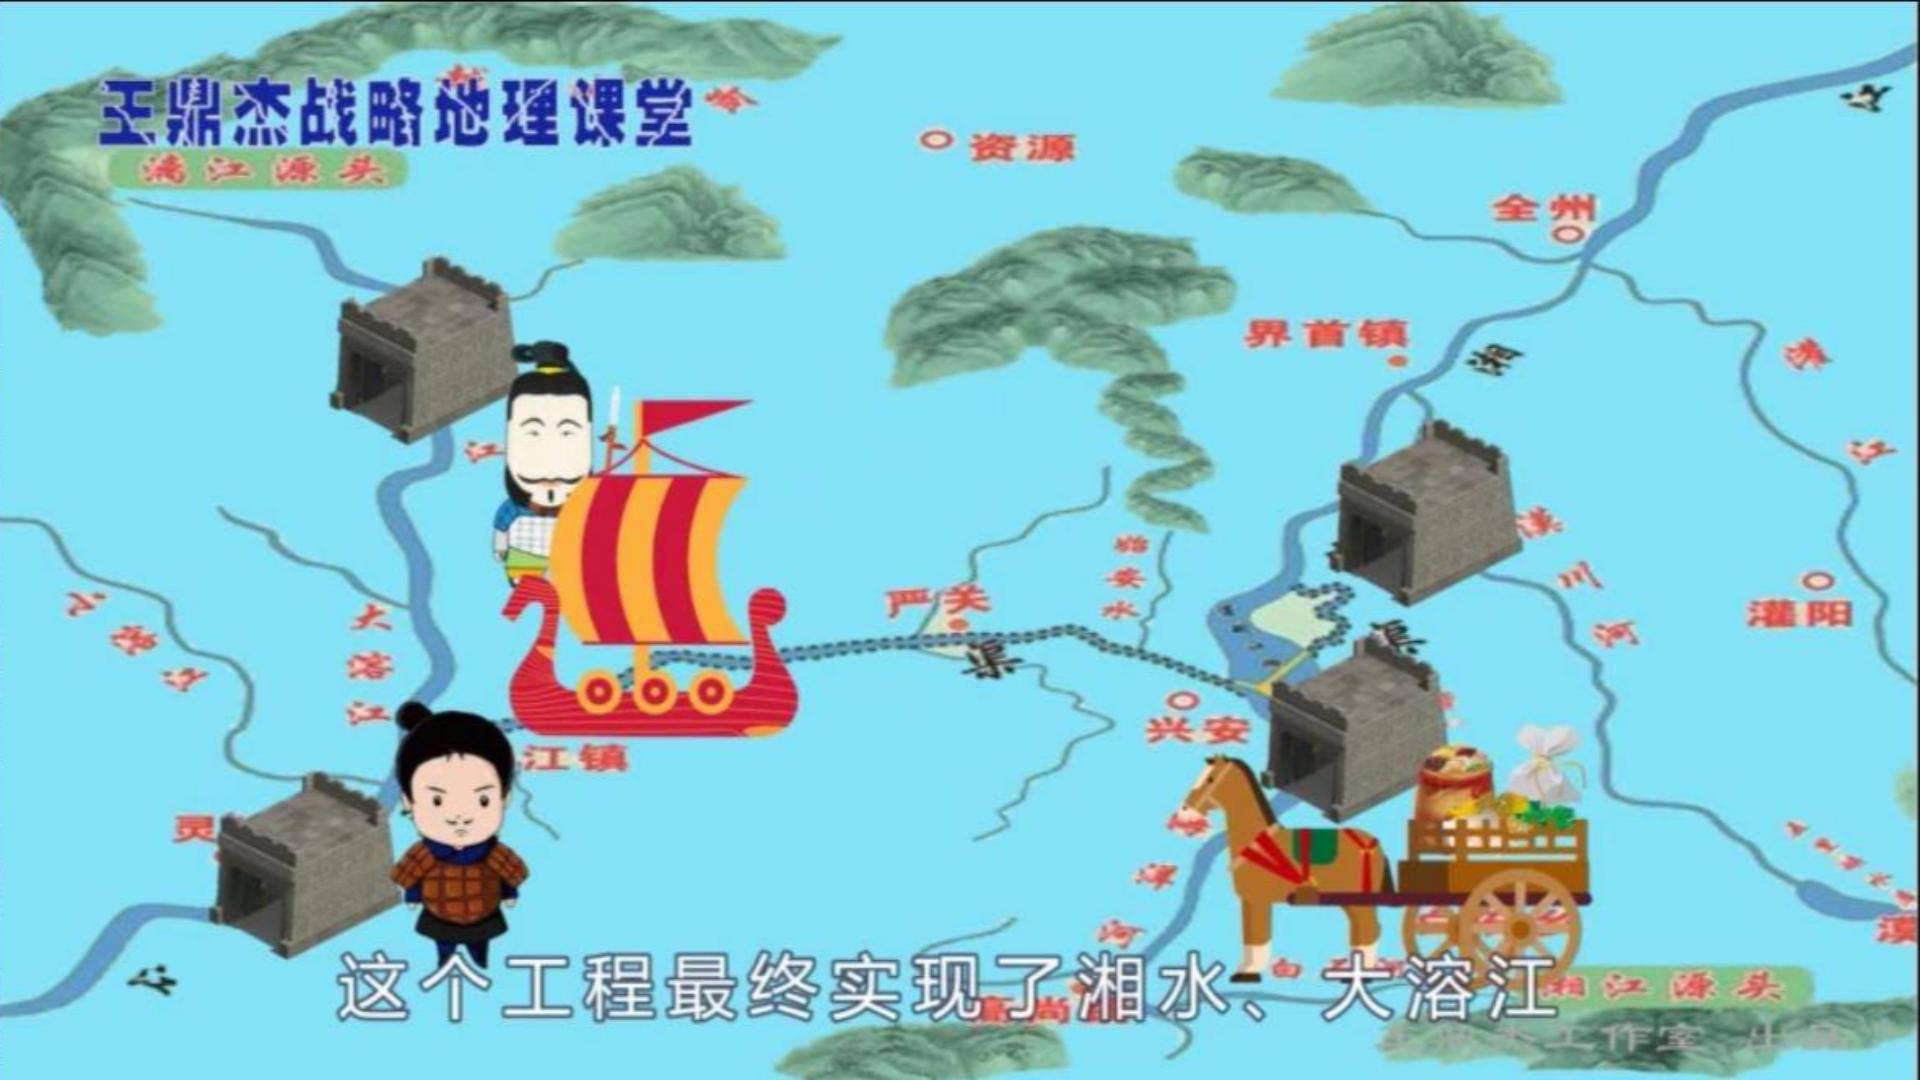 【王鼎杰战略地理课堂】中国历史上最牛的一条运河 竟不是京杭大运河!